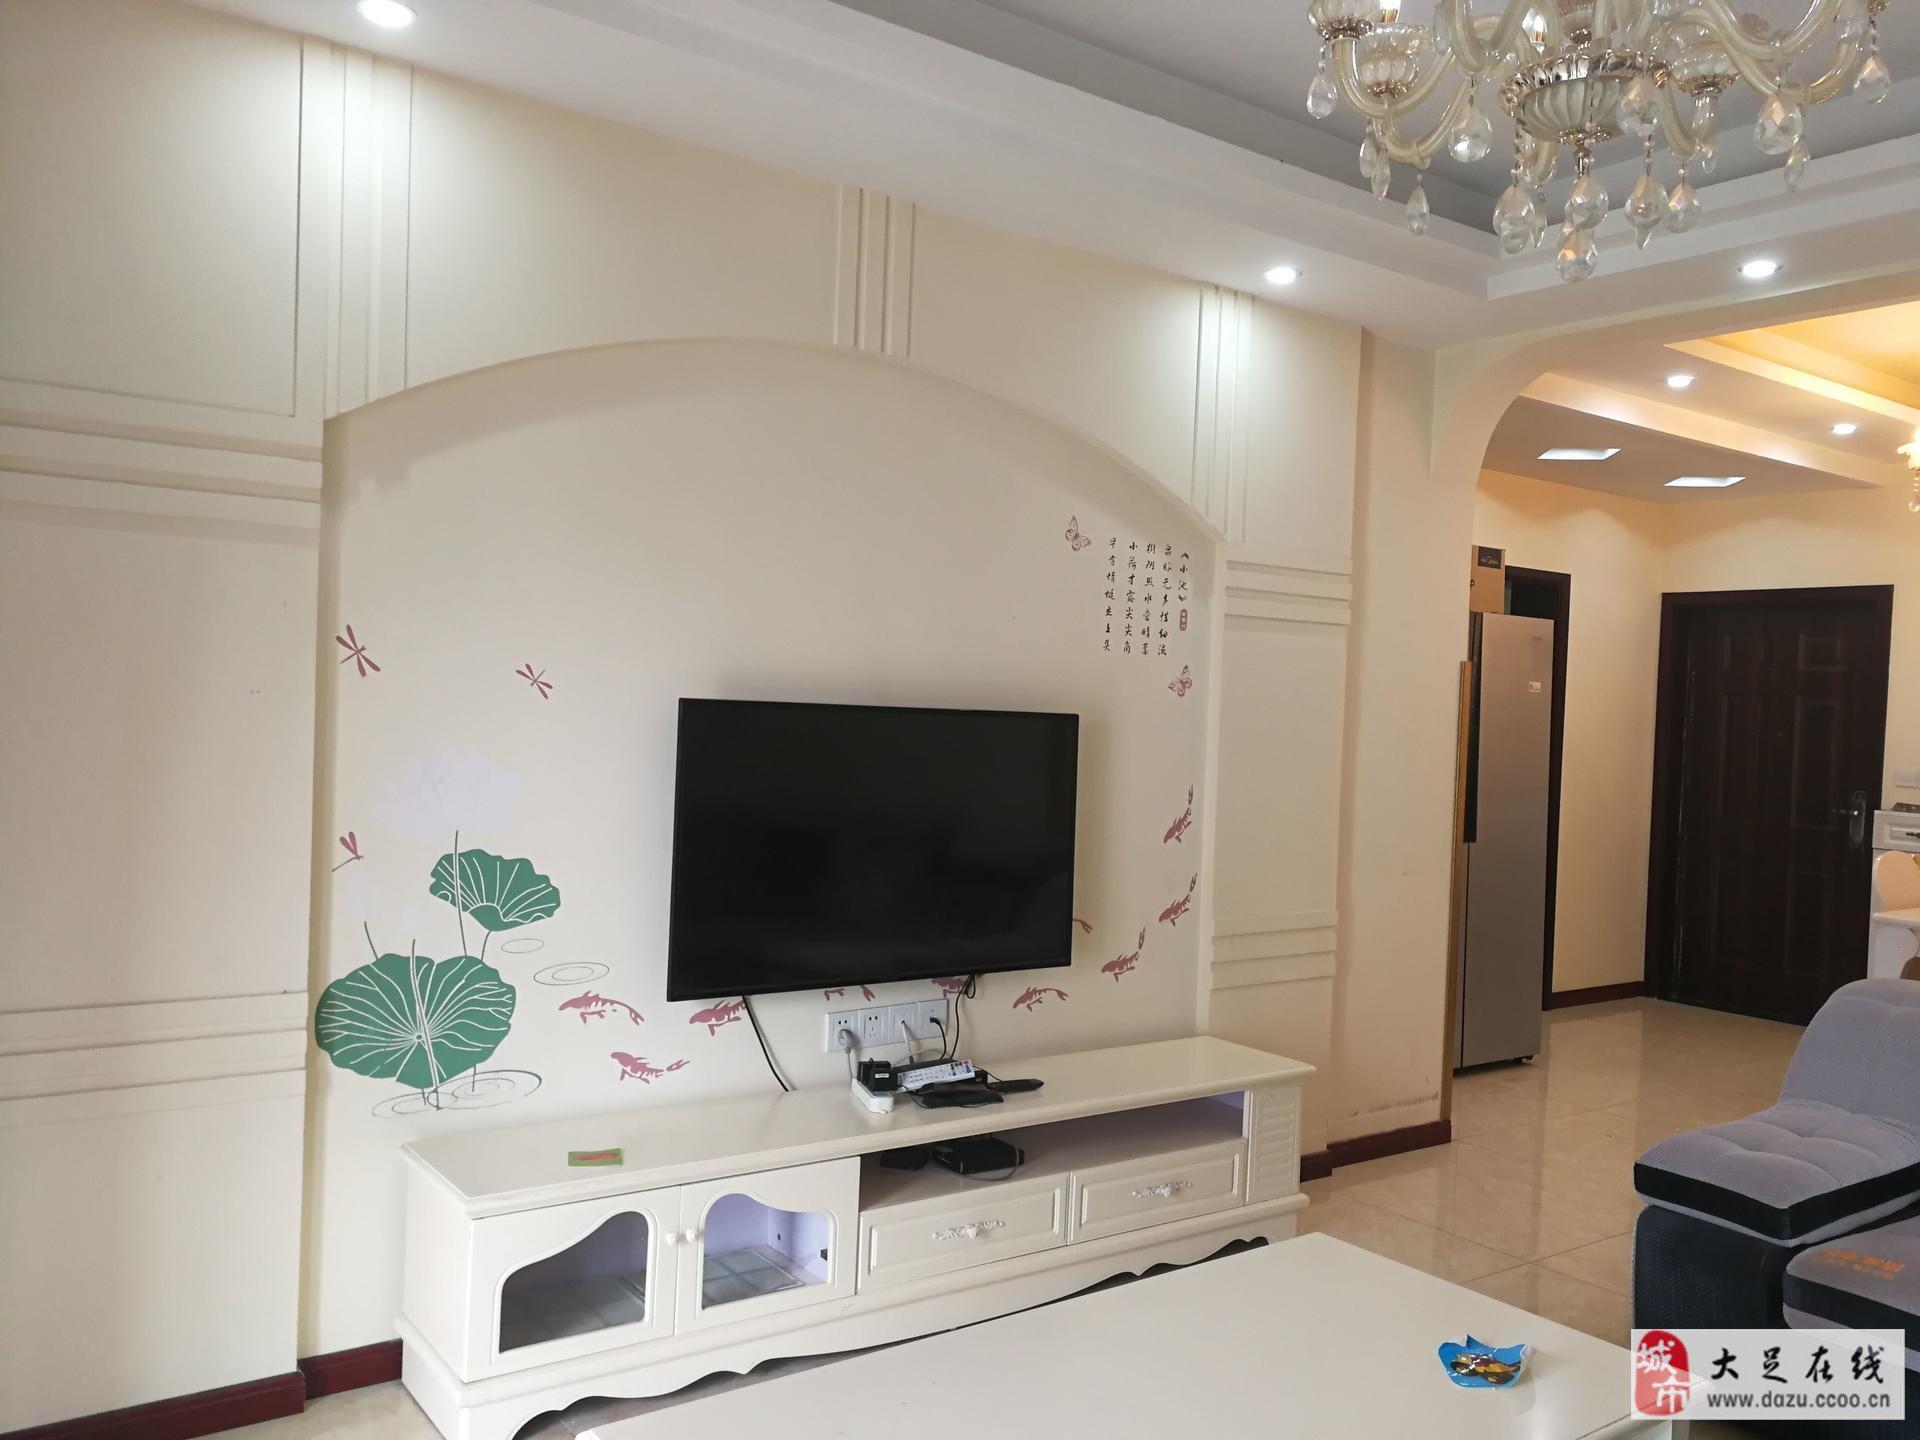 全屋中央空調,海棠香國精裝三房56.8萬,拎包入住